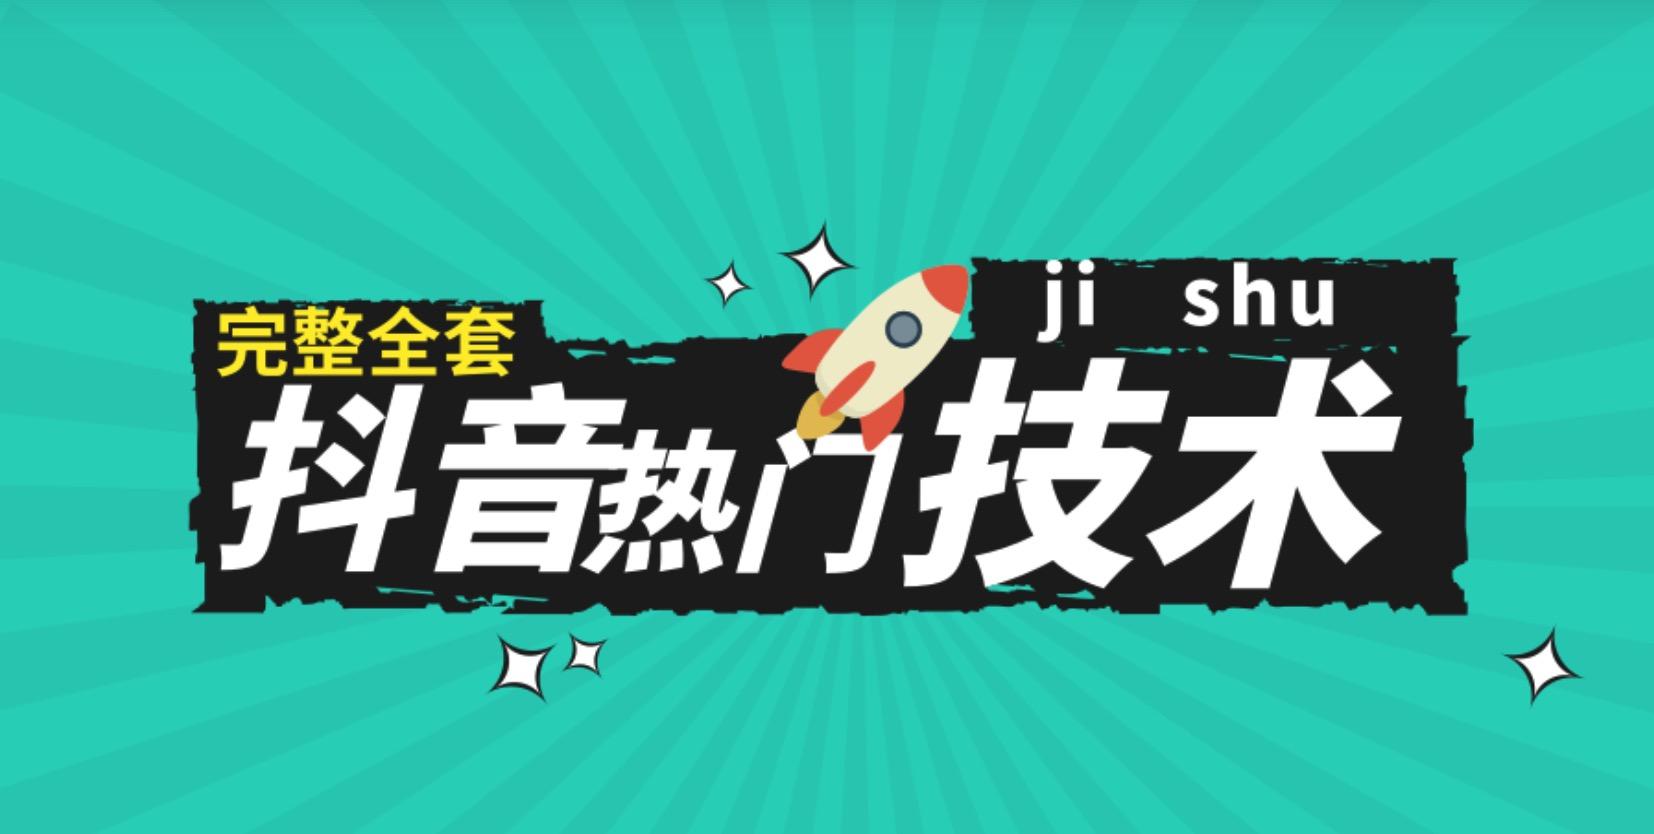 抖音运营实战教程 全网索罗整理抖音营销引流教程【1098G】